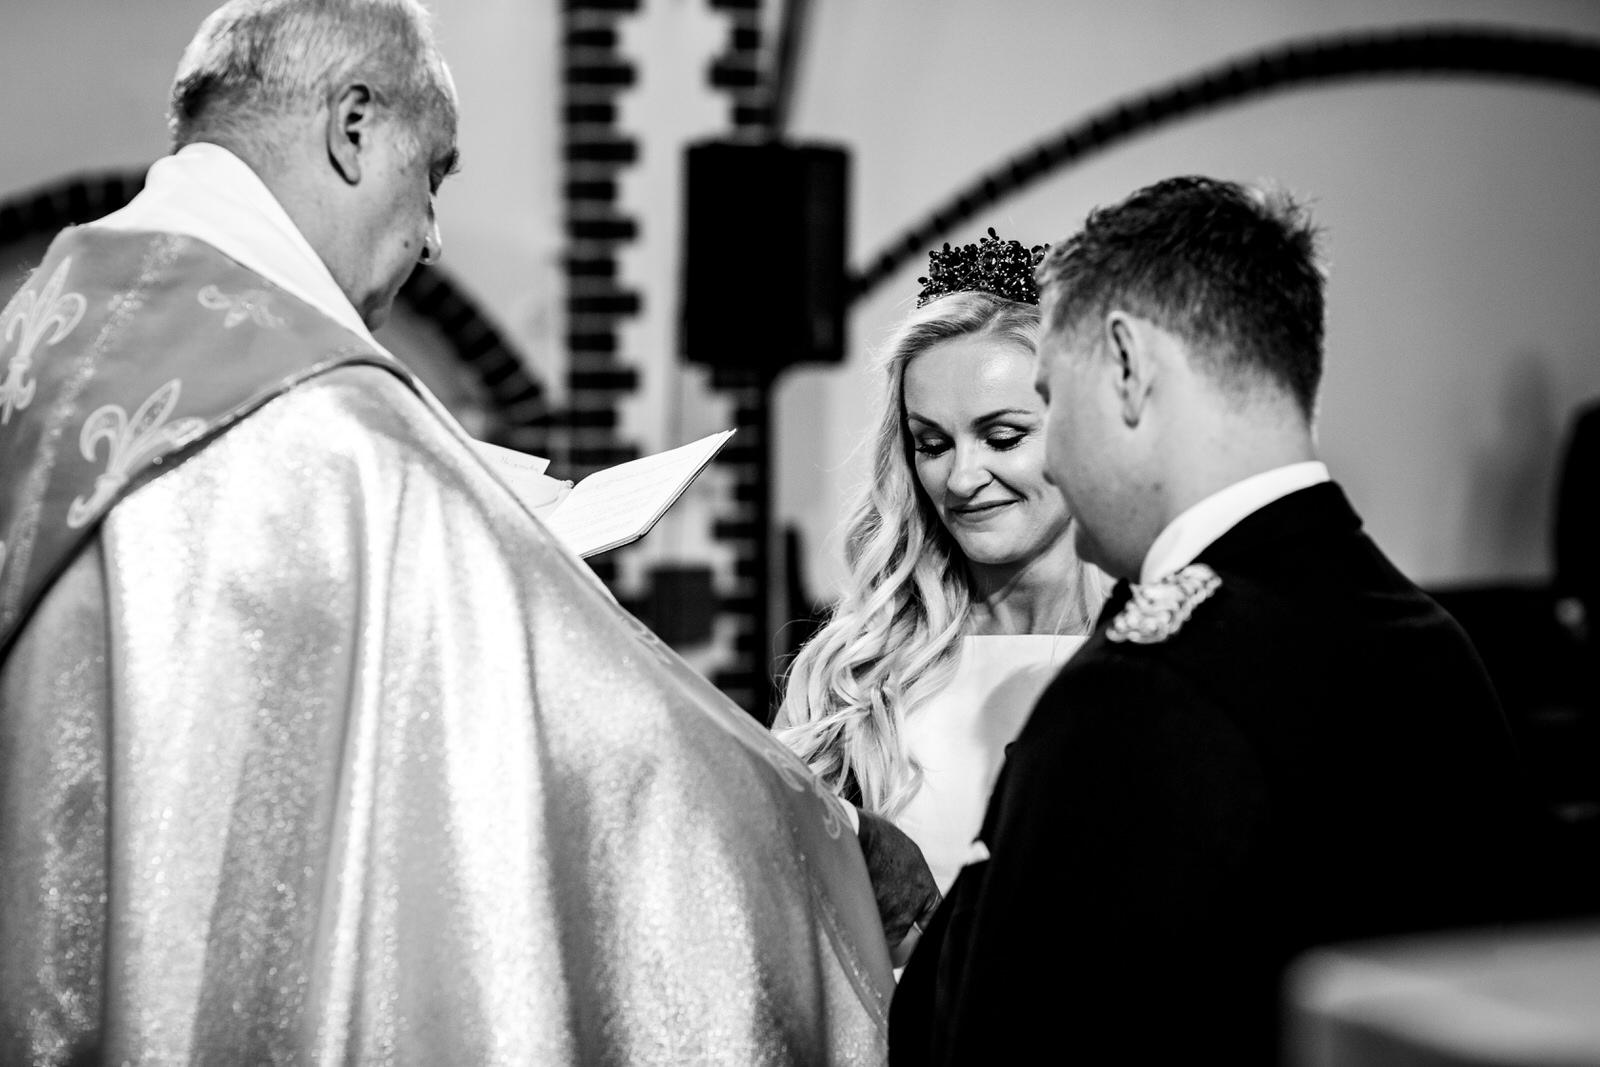 fotograf ślubny sopot i zdjęcia ślubne sopot